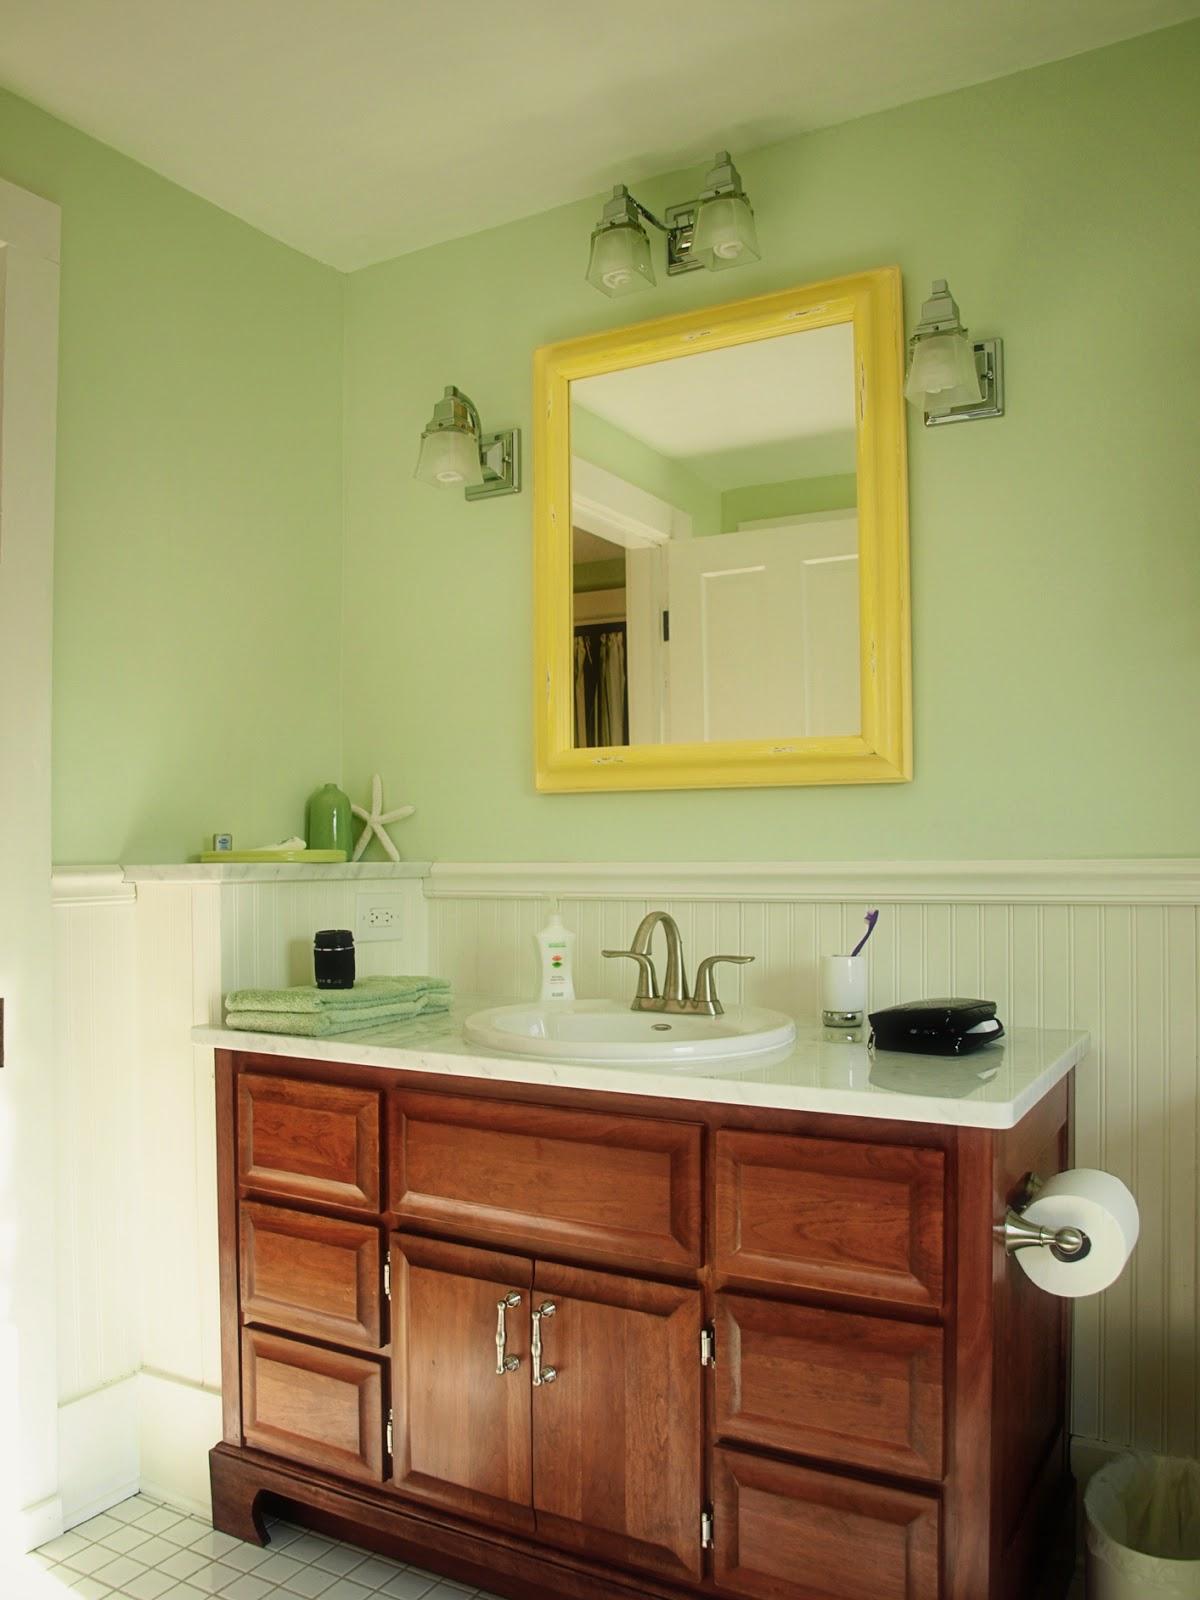 Farmhouse bathroom ideas  Bathroom Showers